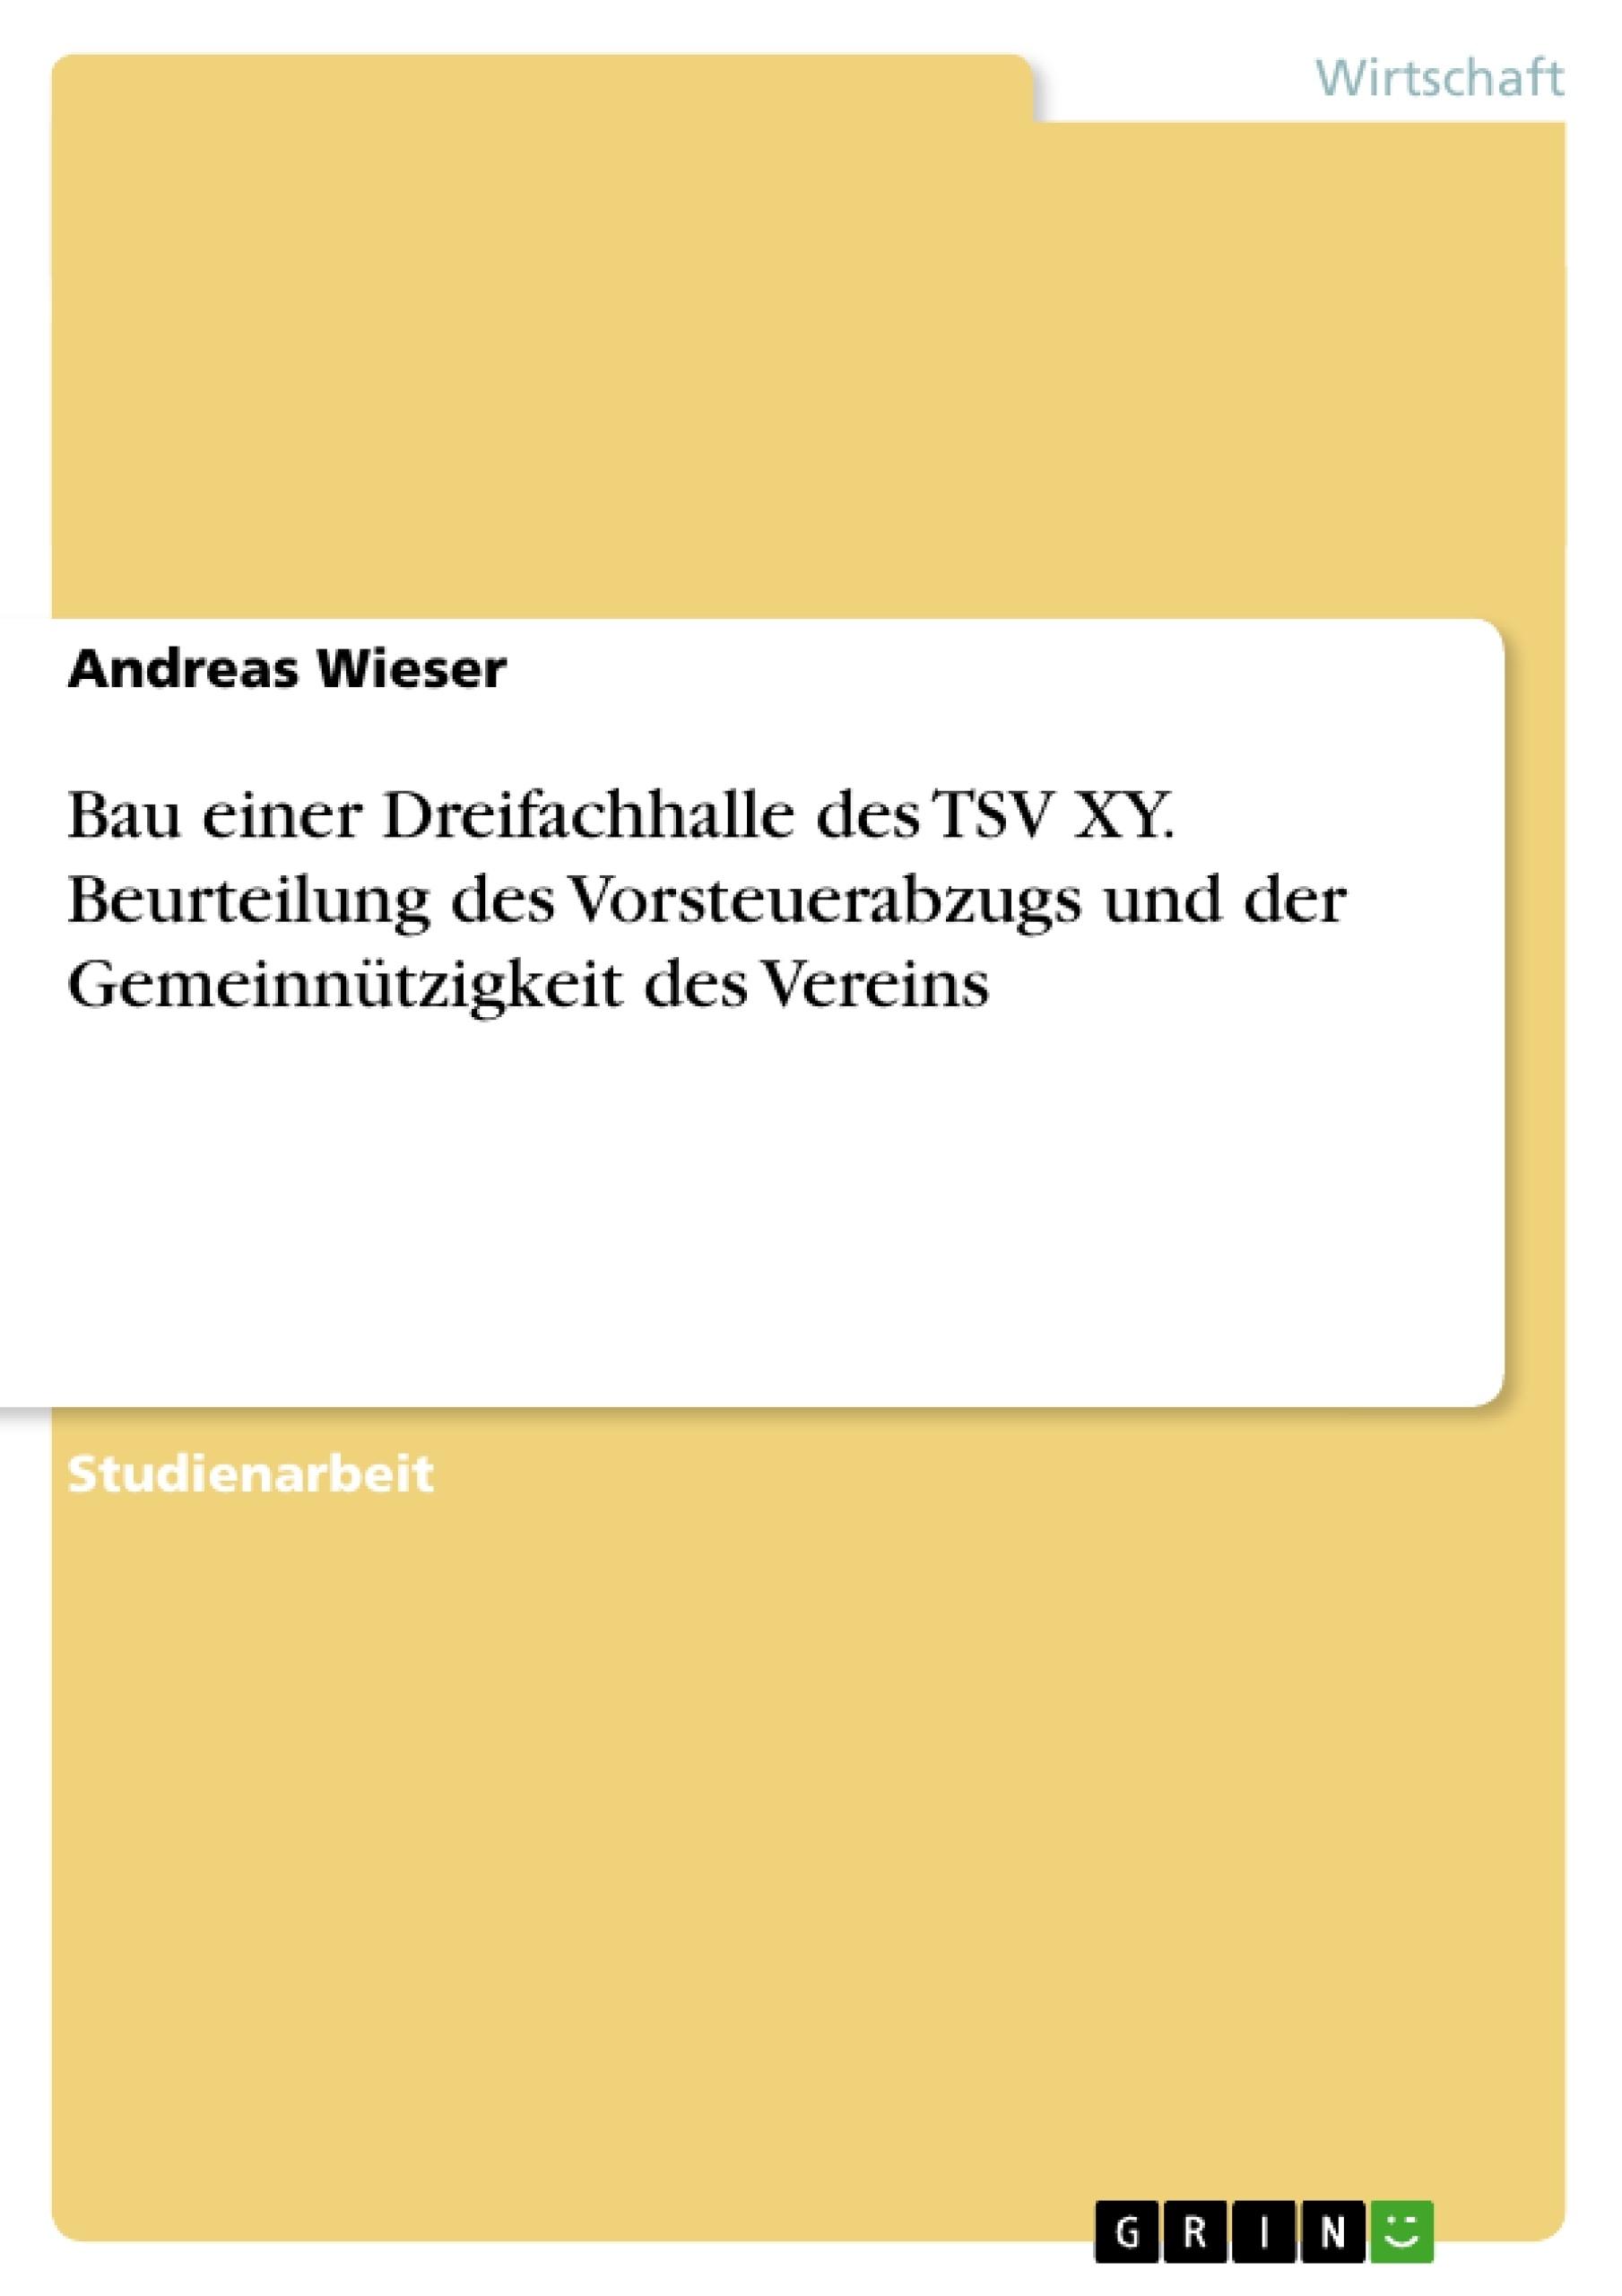 Titel: Bau einer Dreifachhalle des TSV XY. Beurteilung des Vorsteuerabzugs und der Gemeinnützigkeit des Vereins